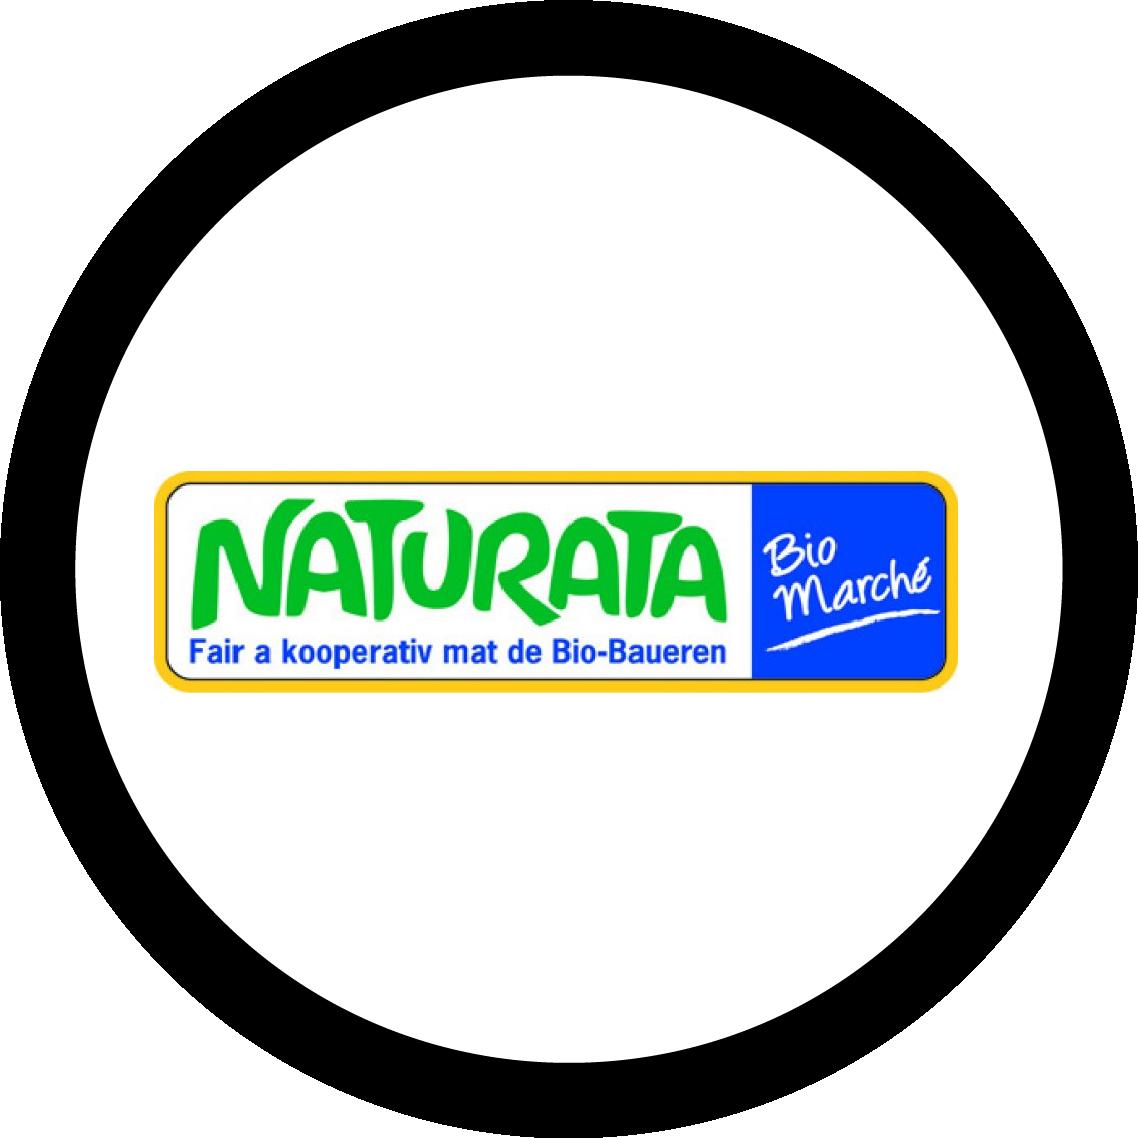 Naturata Merl/Munsbach